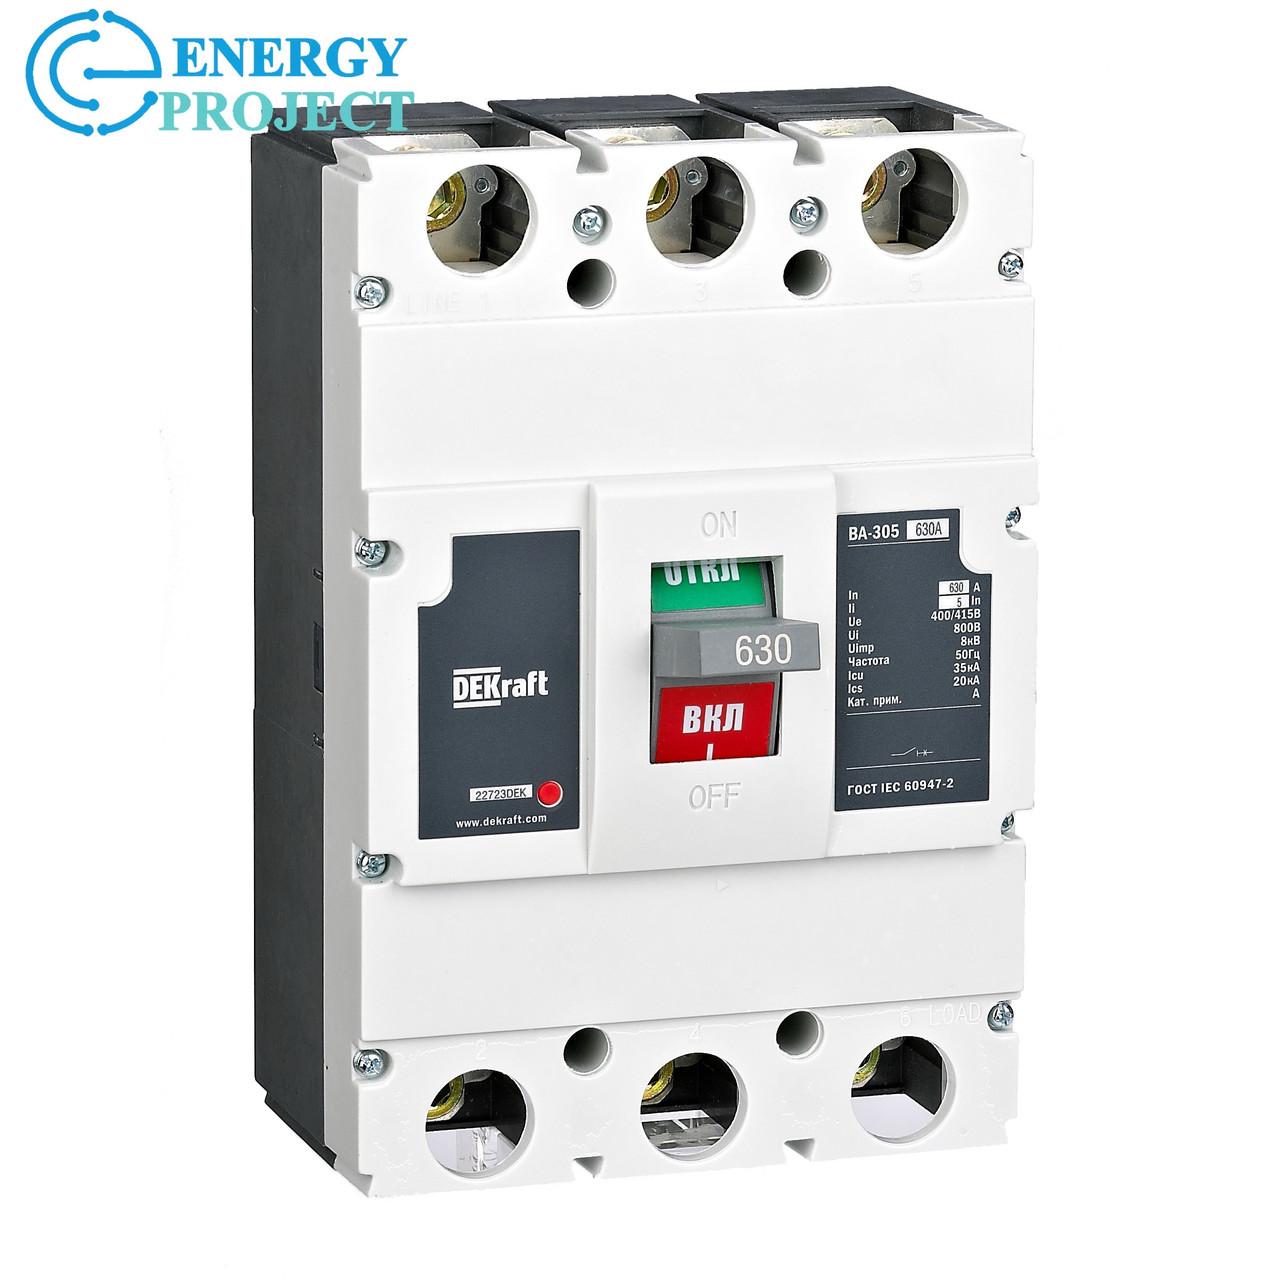 Автоматический выключатель ВА 305 3П 630А Dekfaft